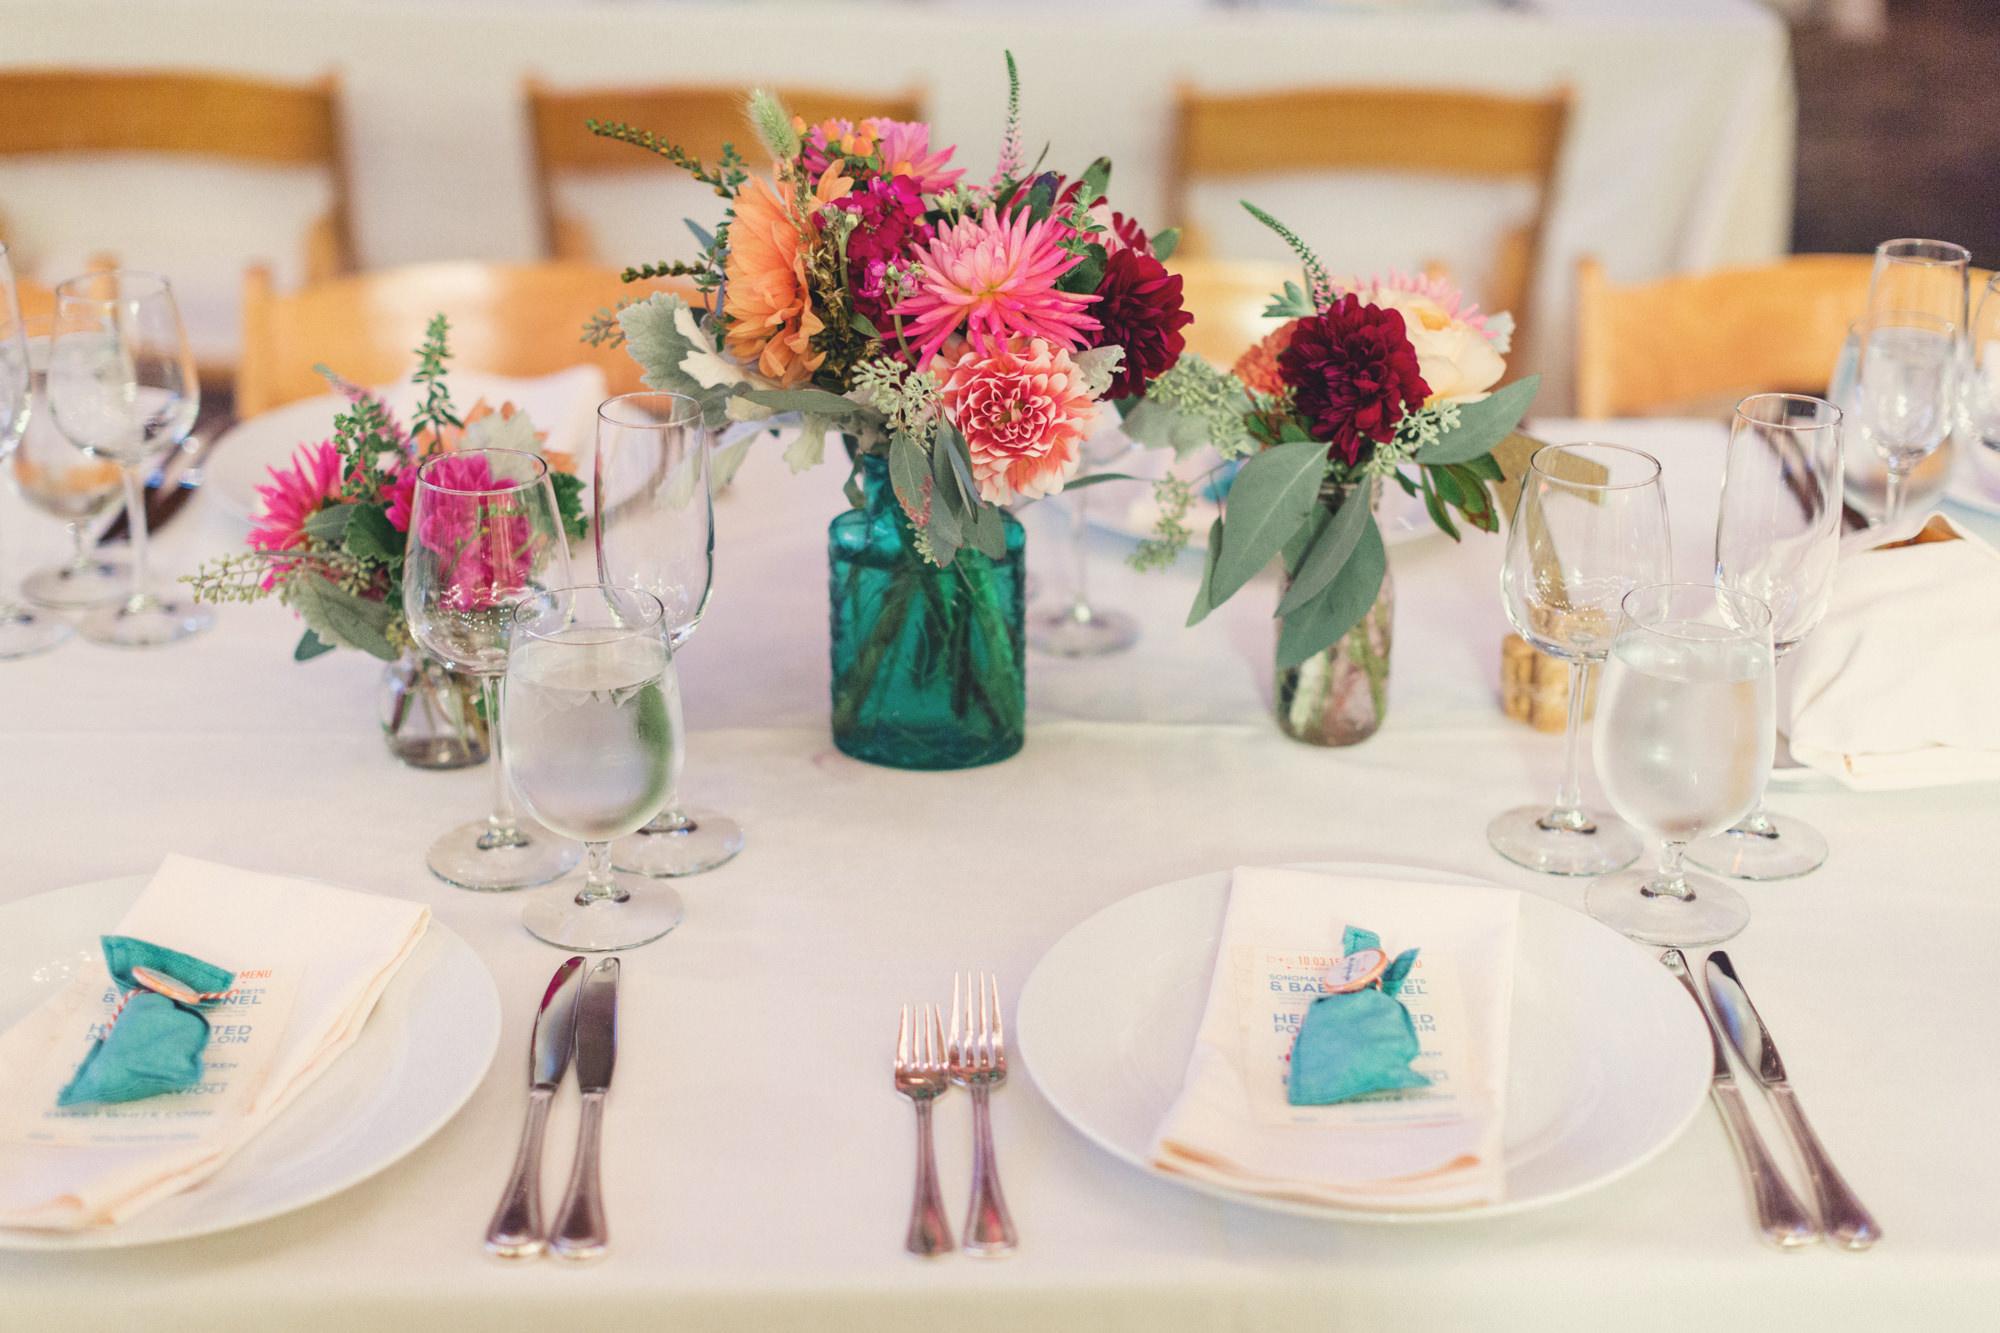 Tobys-Feed-Barn-Wedding-Anne-Claire-Brun-124.jpg